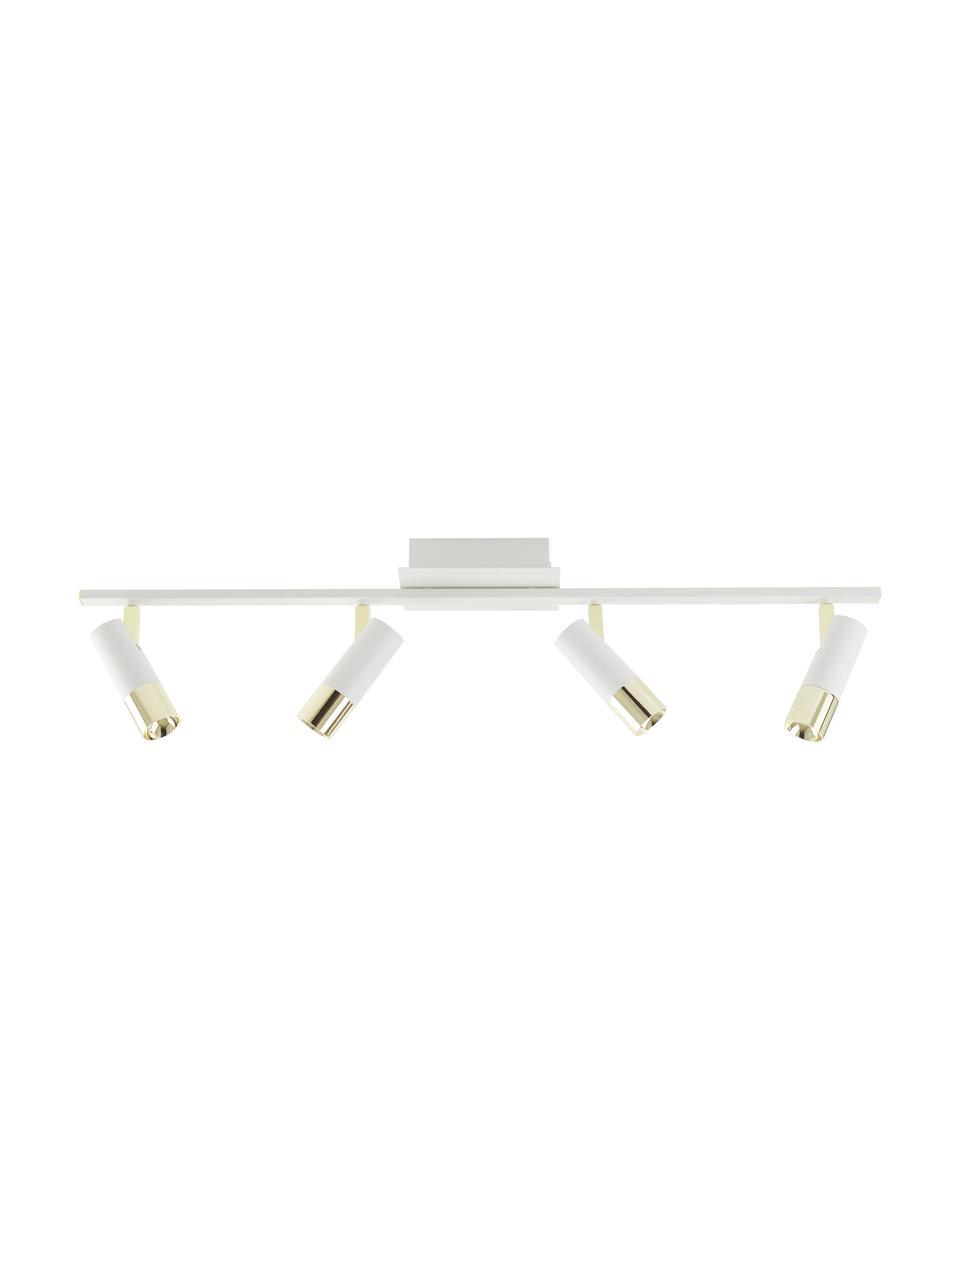 LED-Deckenstrahler Bobby in Weiß-Gold, Baldachin: Metall, pulverbeschichtet, Weiß, 86 x 13 cm